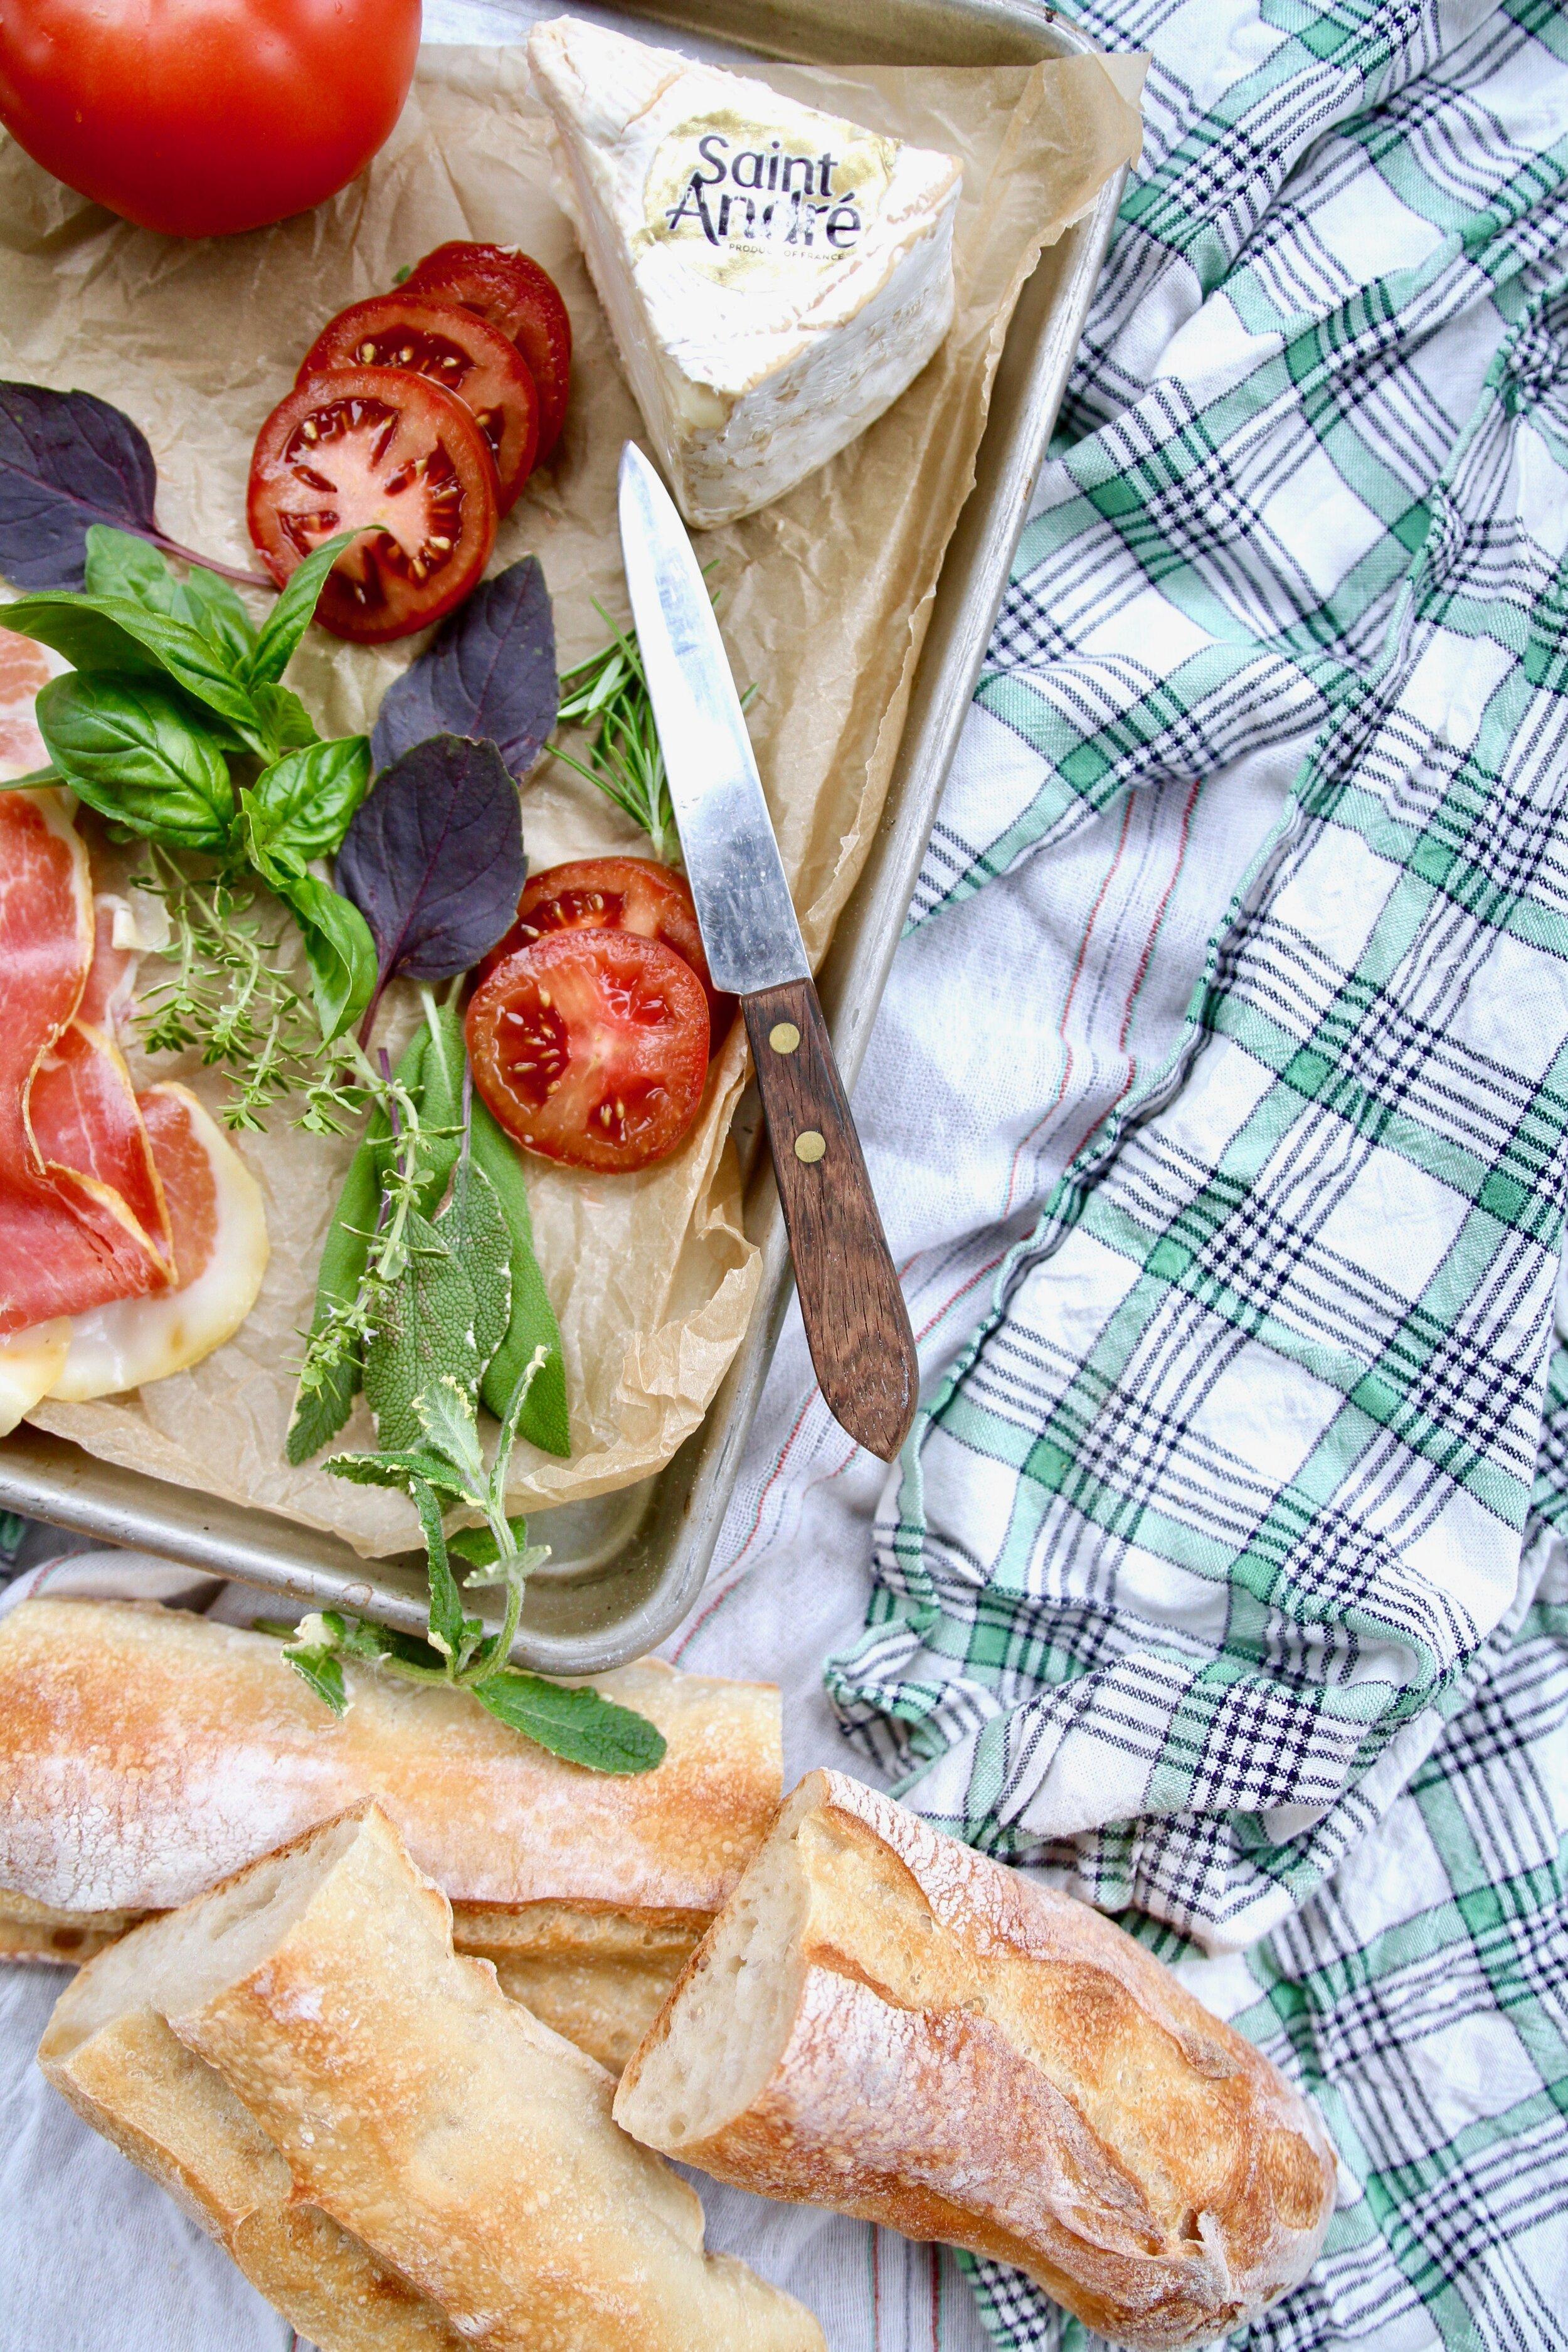 Tomato Brie Sandwich